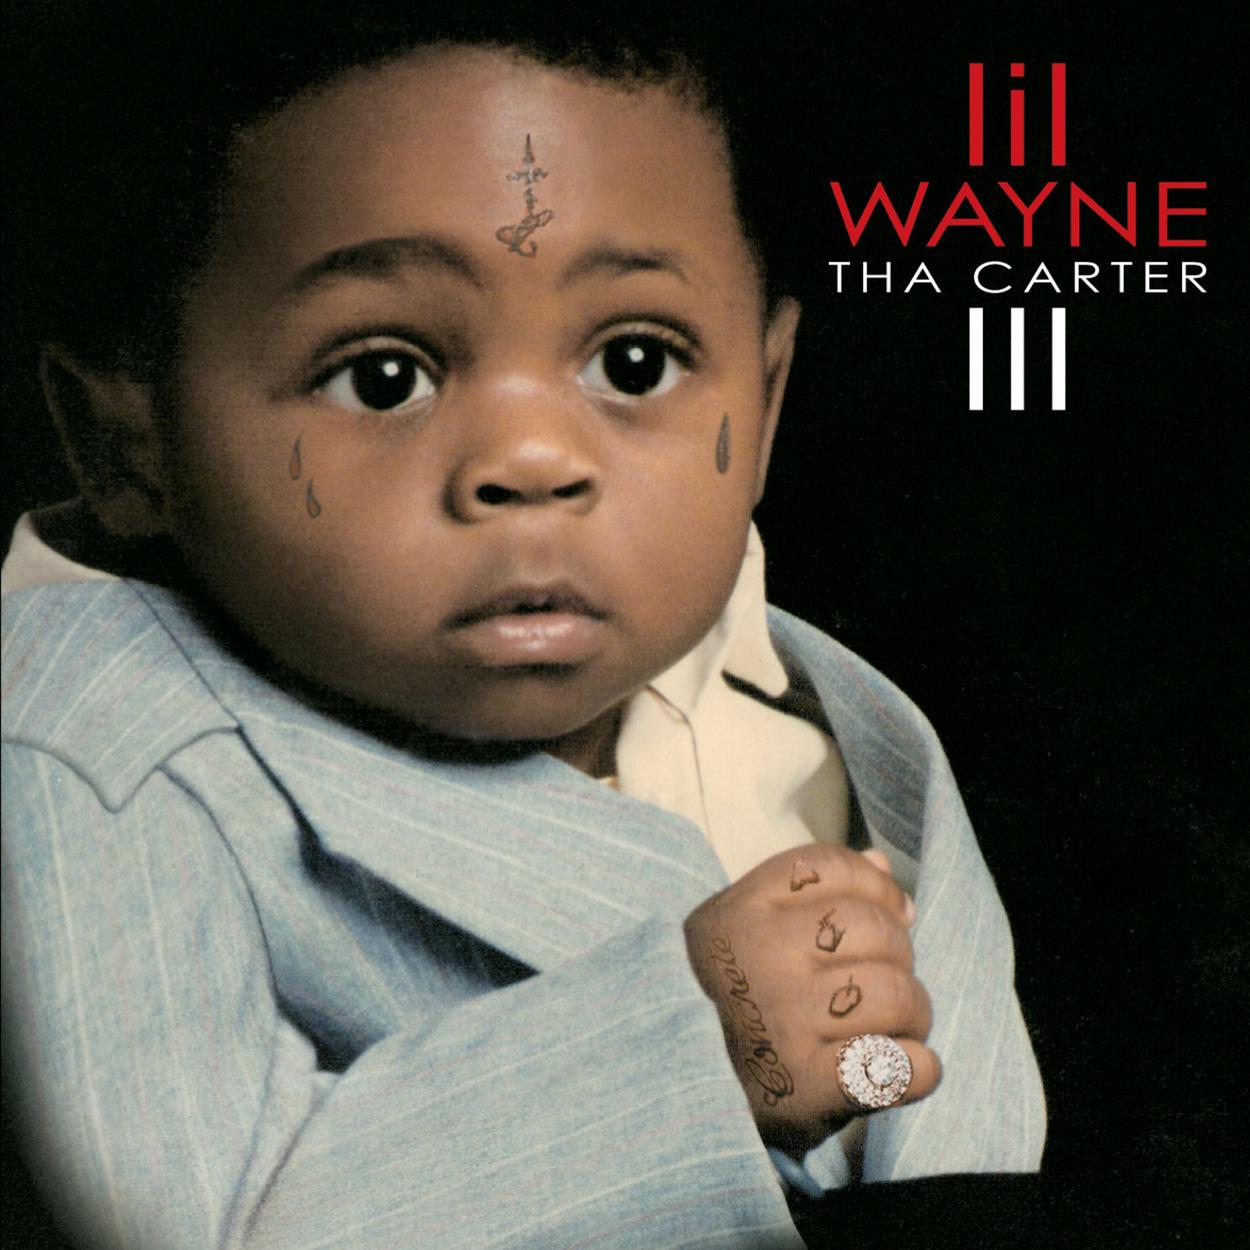 Lil Wayne, Tha Carter III